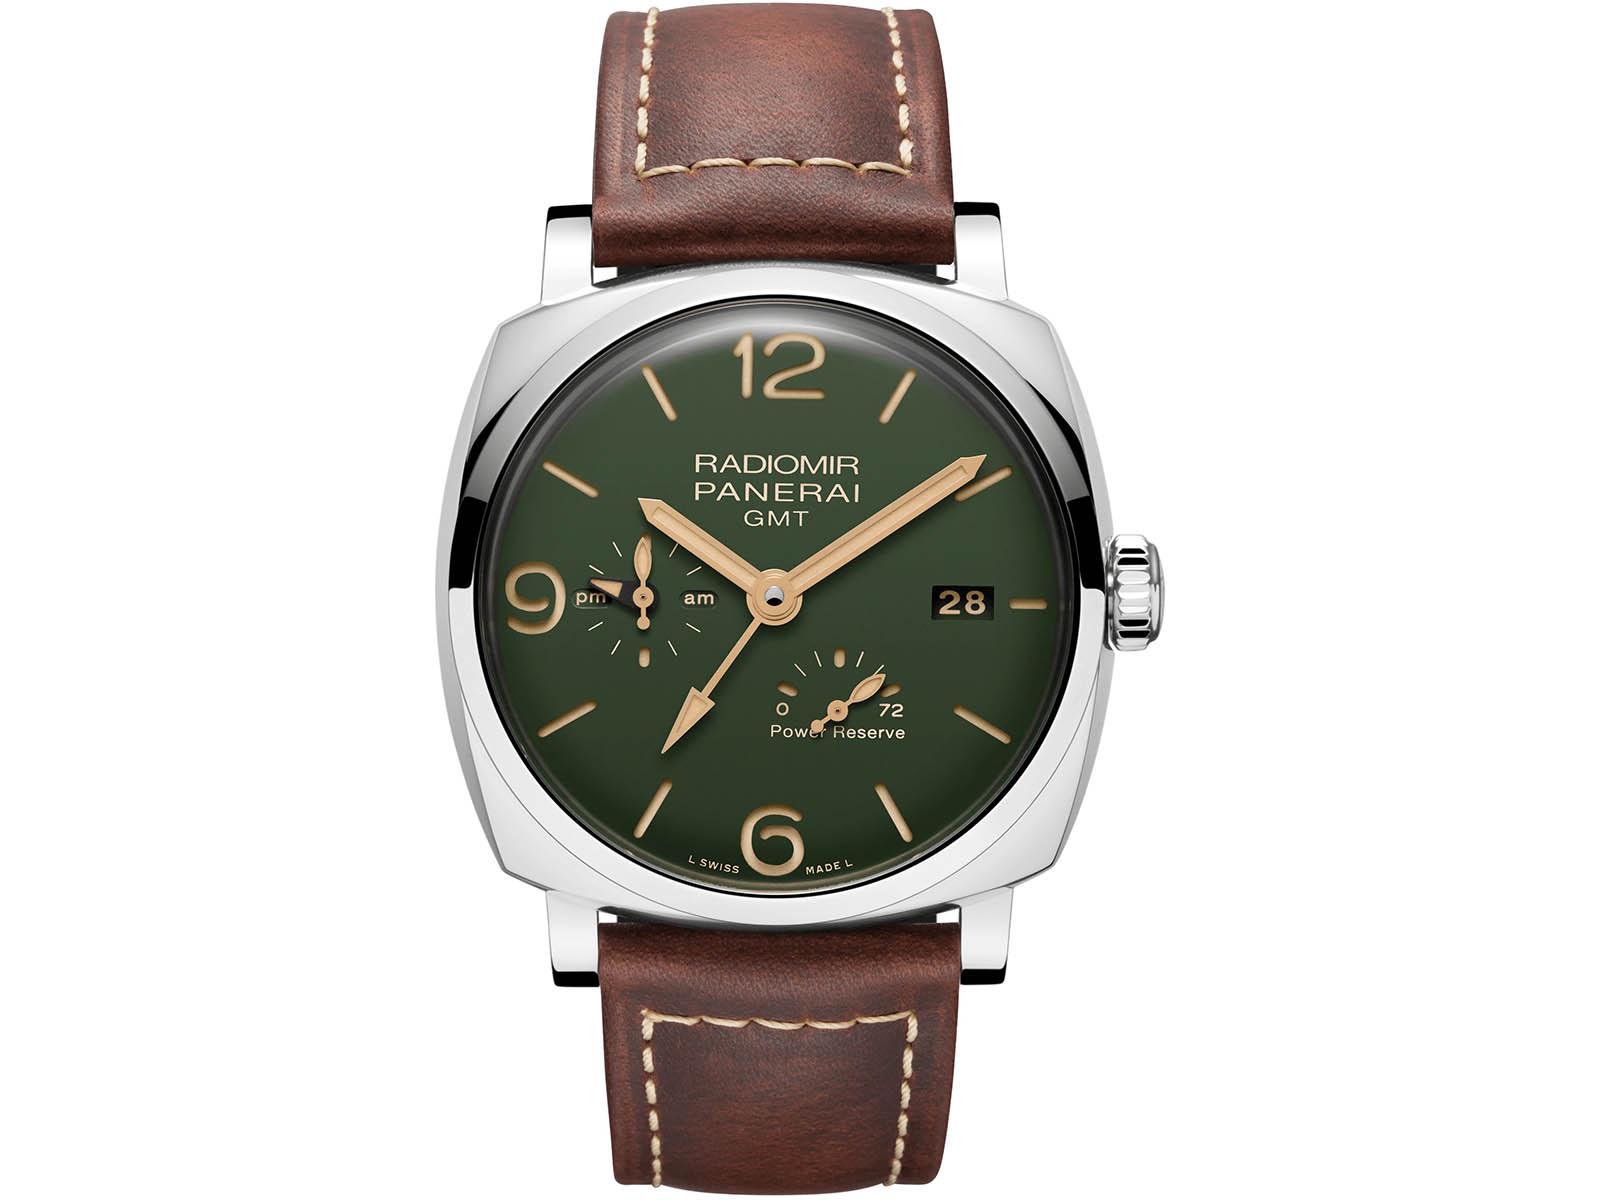 pam00999-panerai-radiomir-1940-edizione-verde-militare-1.jpg